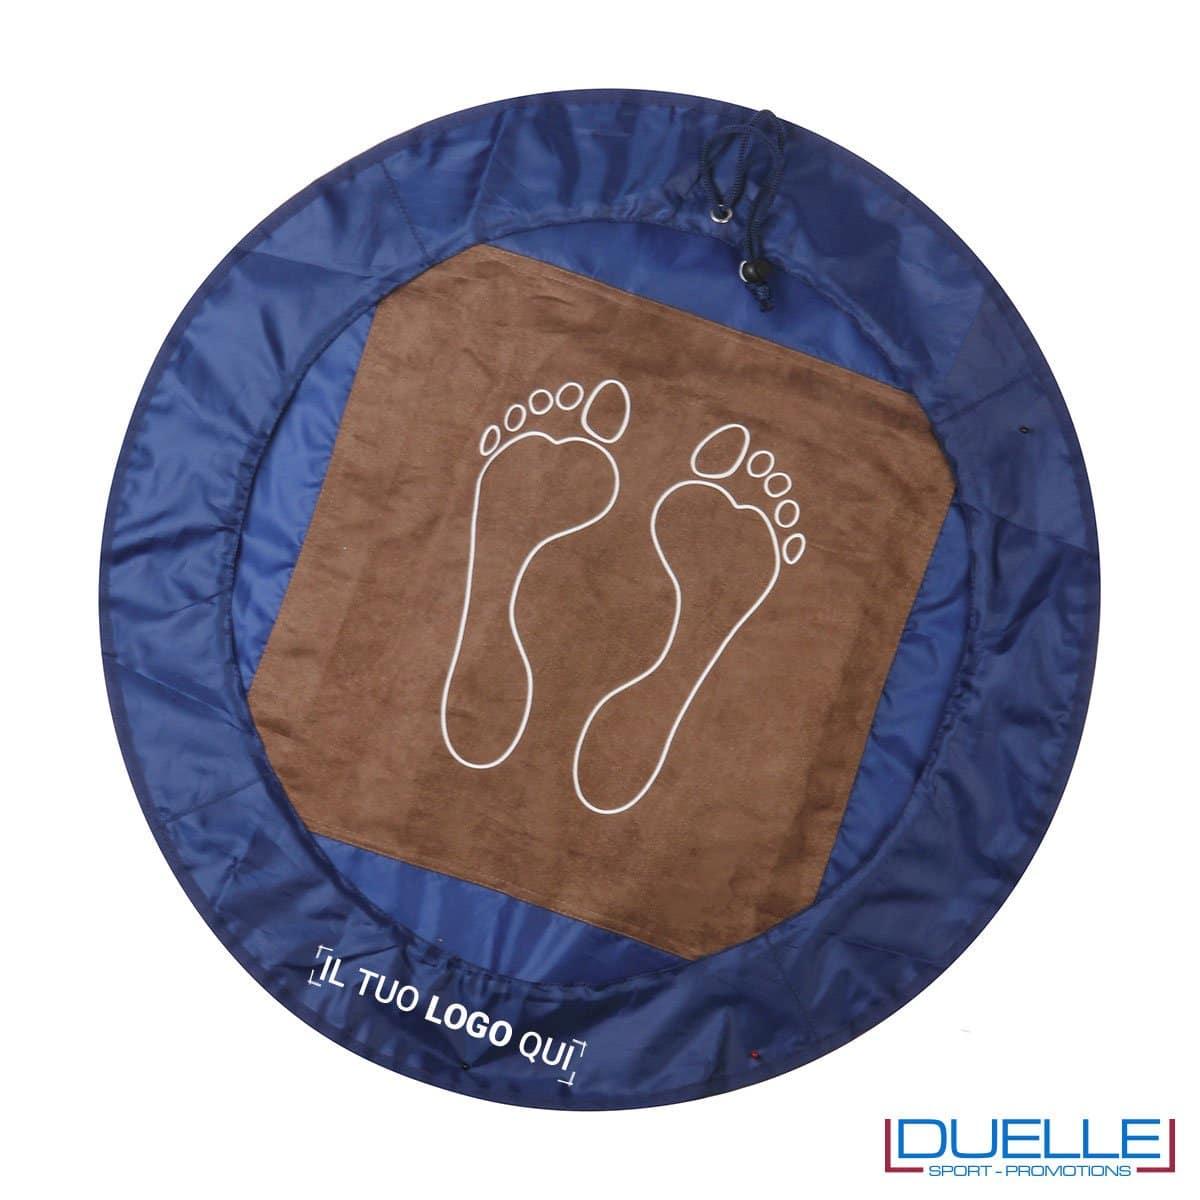 Sacco da cambio pratica colore blu personalizzata, borse sportive personalizzate, gadget sportivi